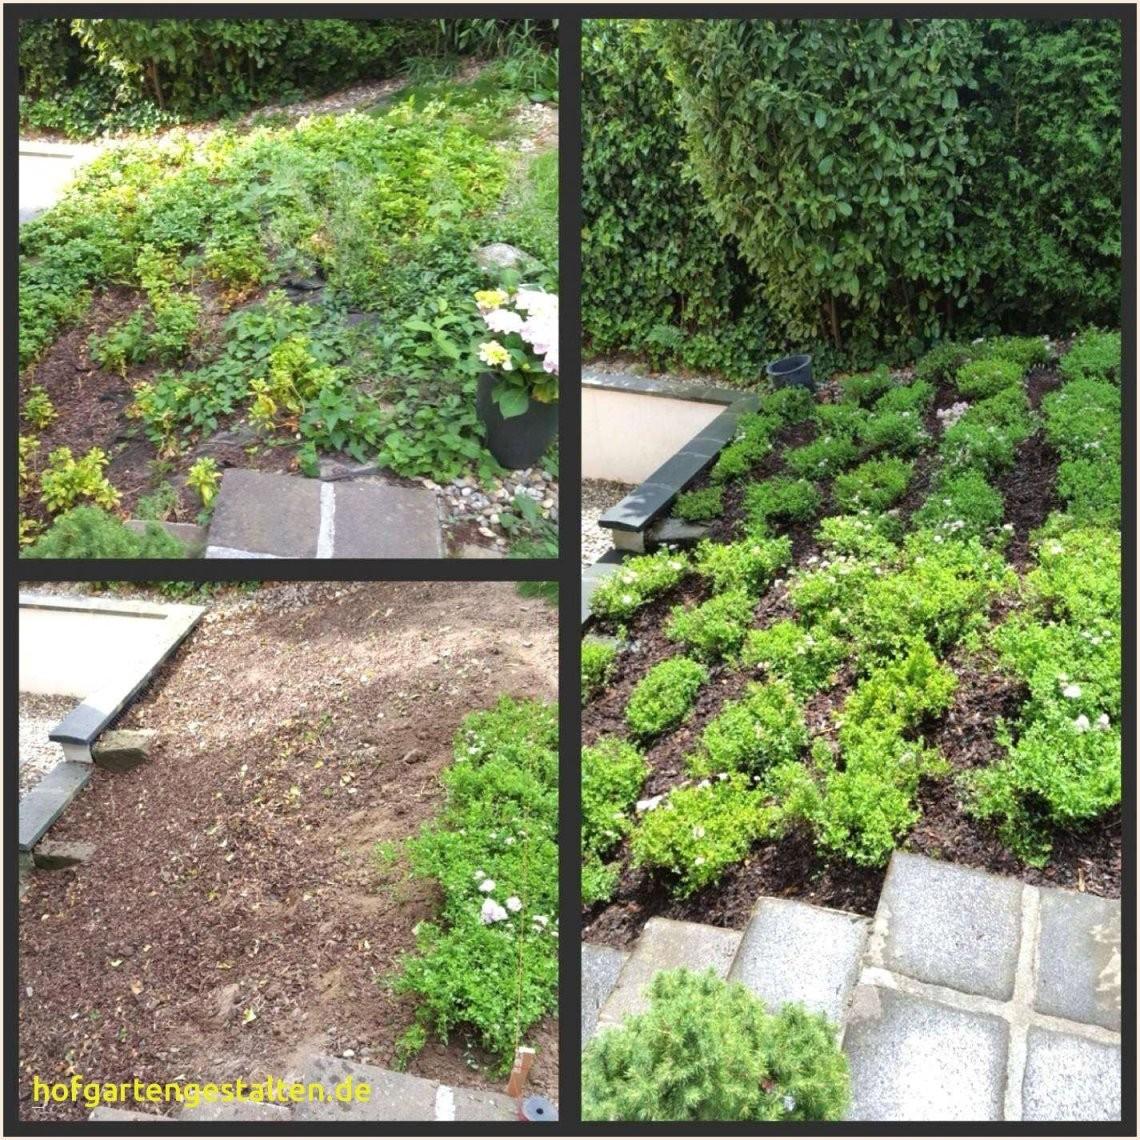 Mein Garten Einzigartig 33 Schön Wie Gestalte Ich Mein Garten von Wie Gestalte Ich Meine Terrasse Photo